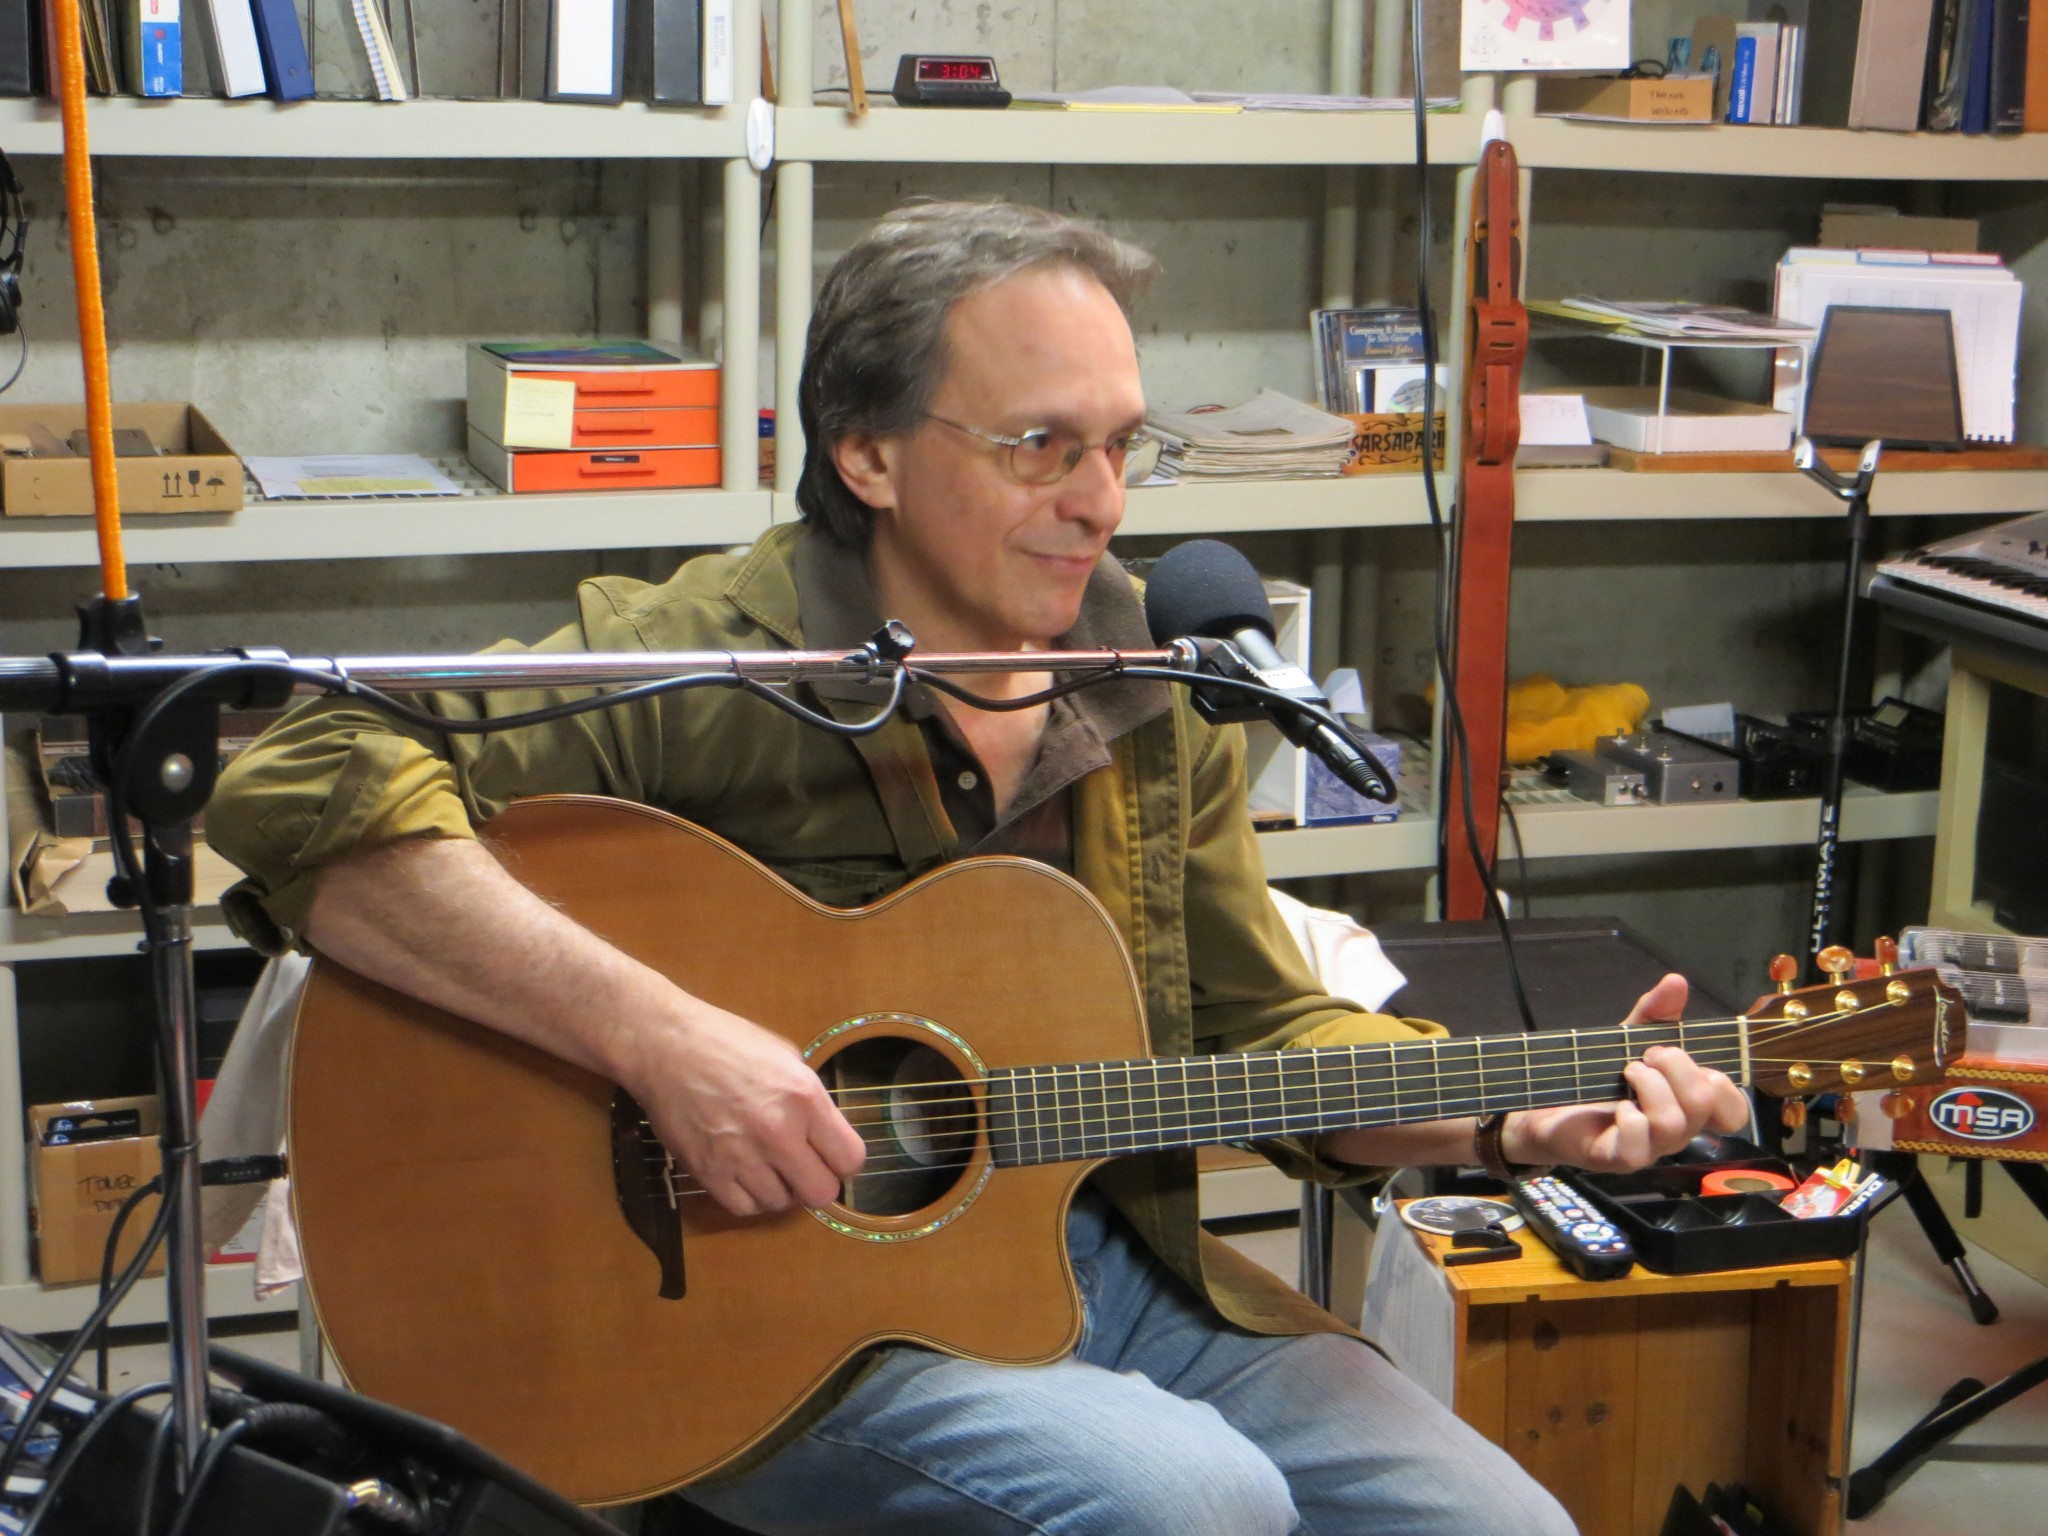 Al in Studio at Mic 10-30-12 IMG_0159.jpg